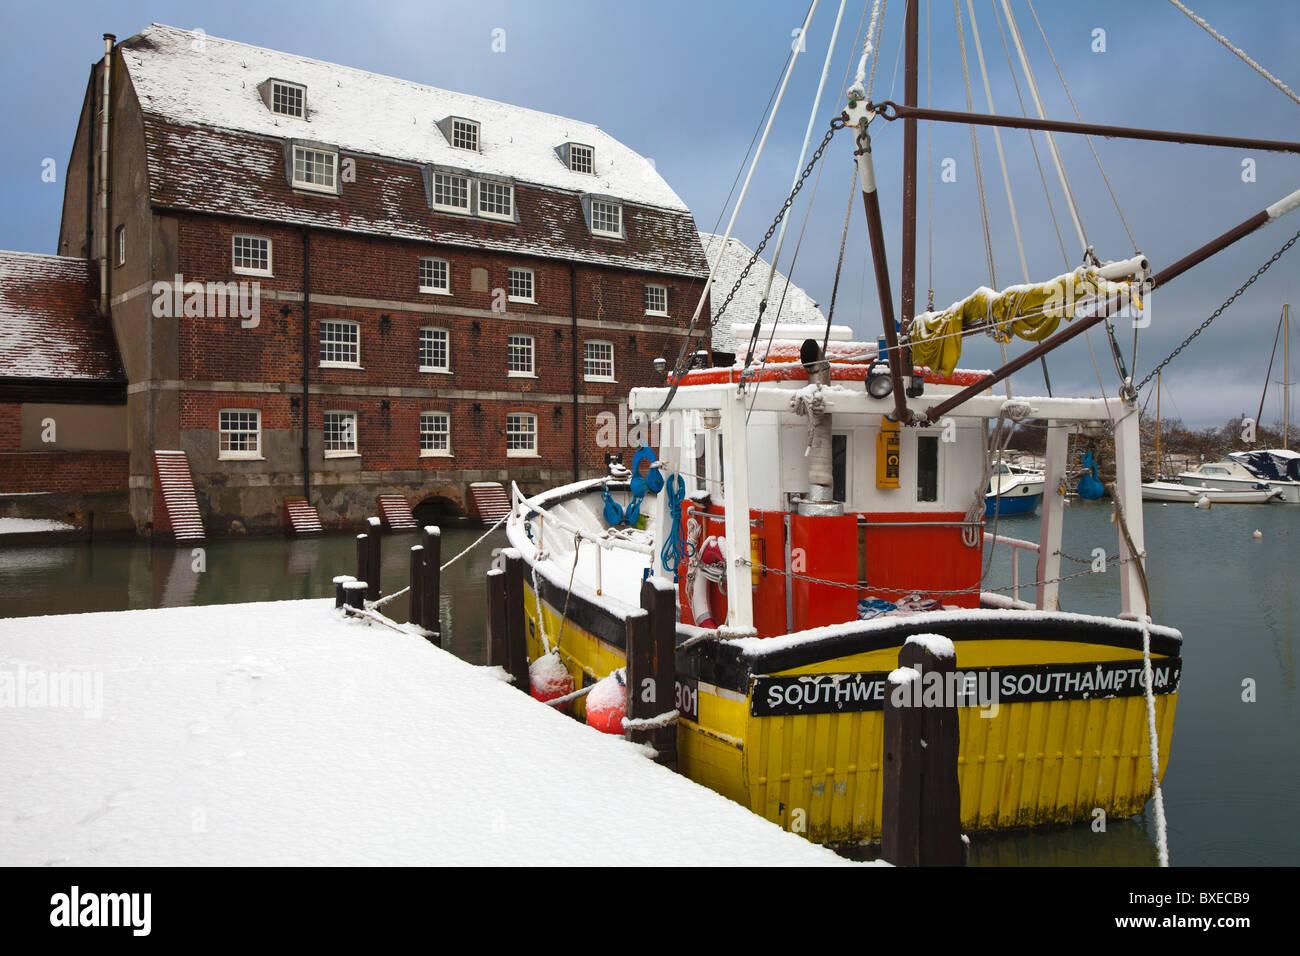 La nieve cubrió la pesca de arrastre de shell comerciales amarillos amarrados junto al muelle en el molino de agua Ashlett Southampton Foto de stock